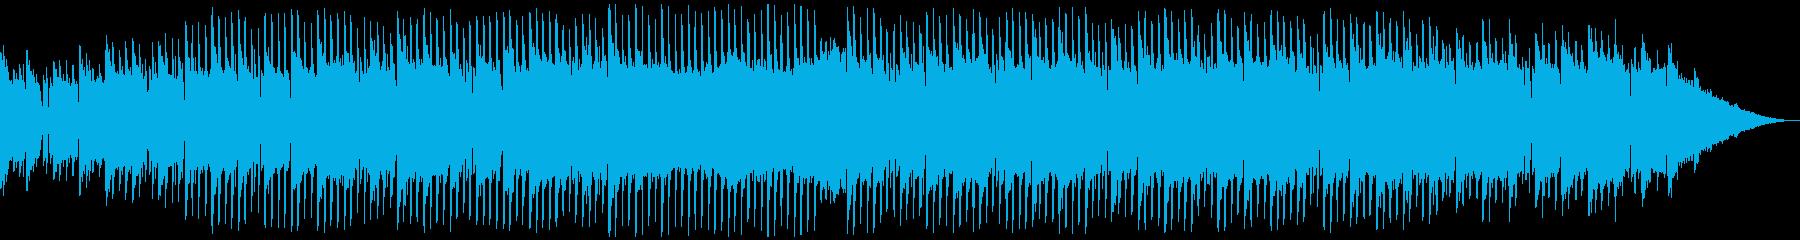 モダン テクノ アンビエント テク...の再生済みの波形